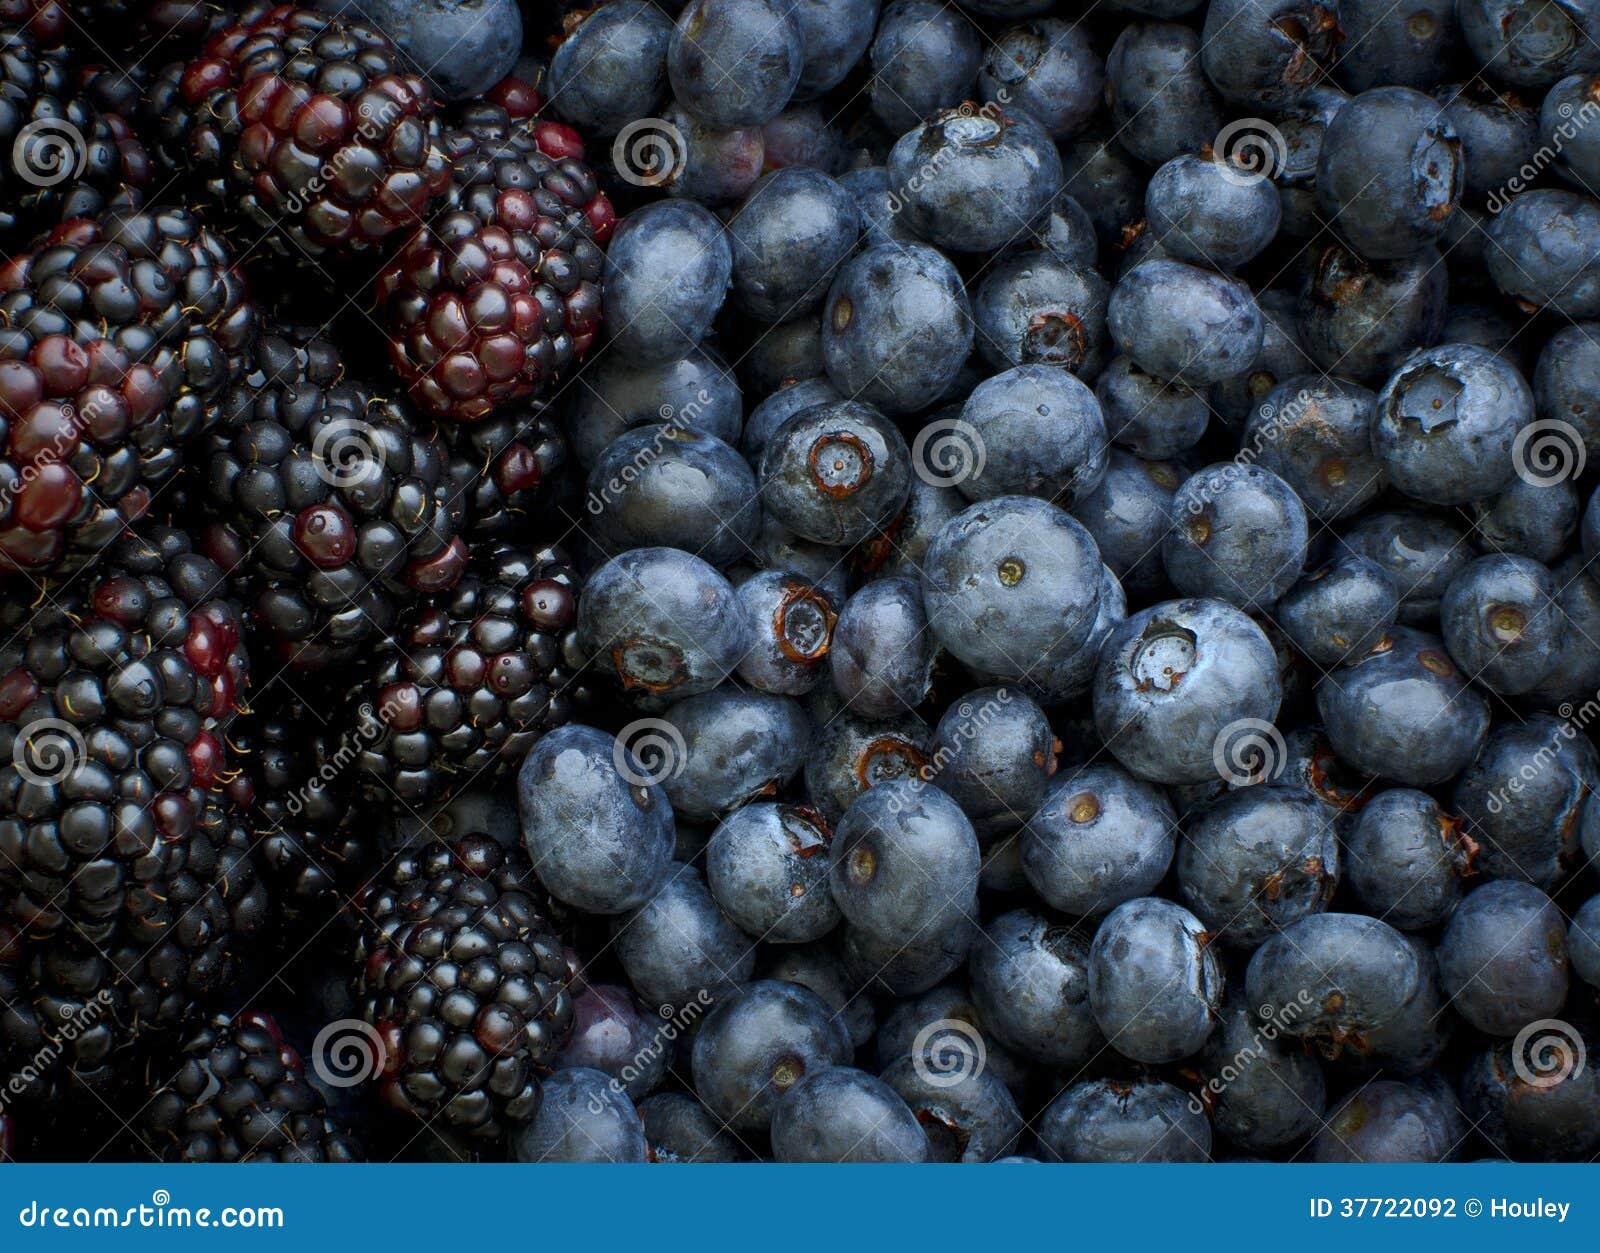 Blauwe Bessen en Zwarte Bessen